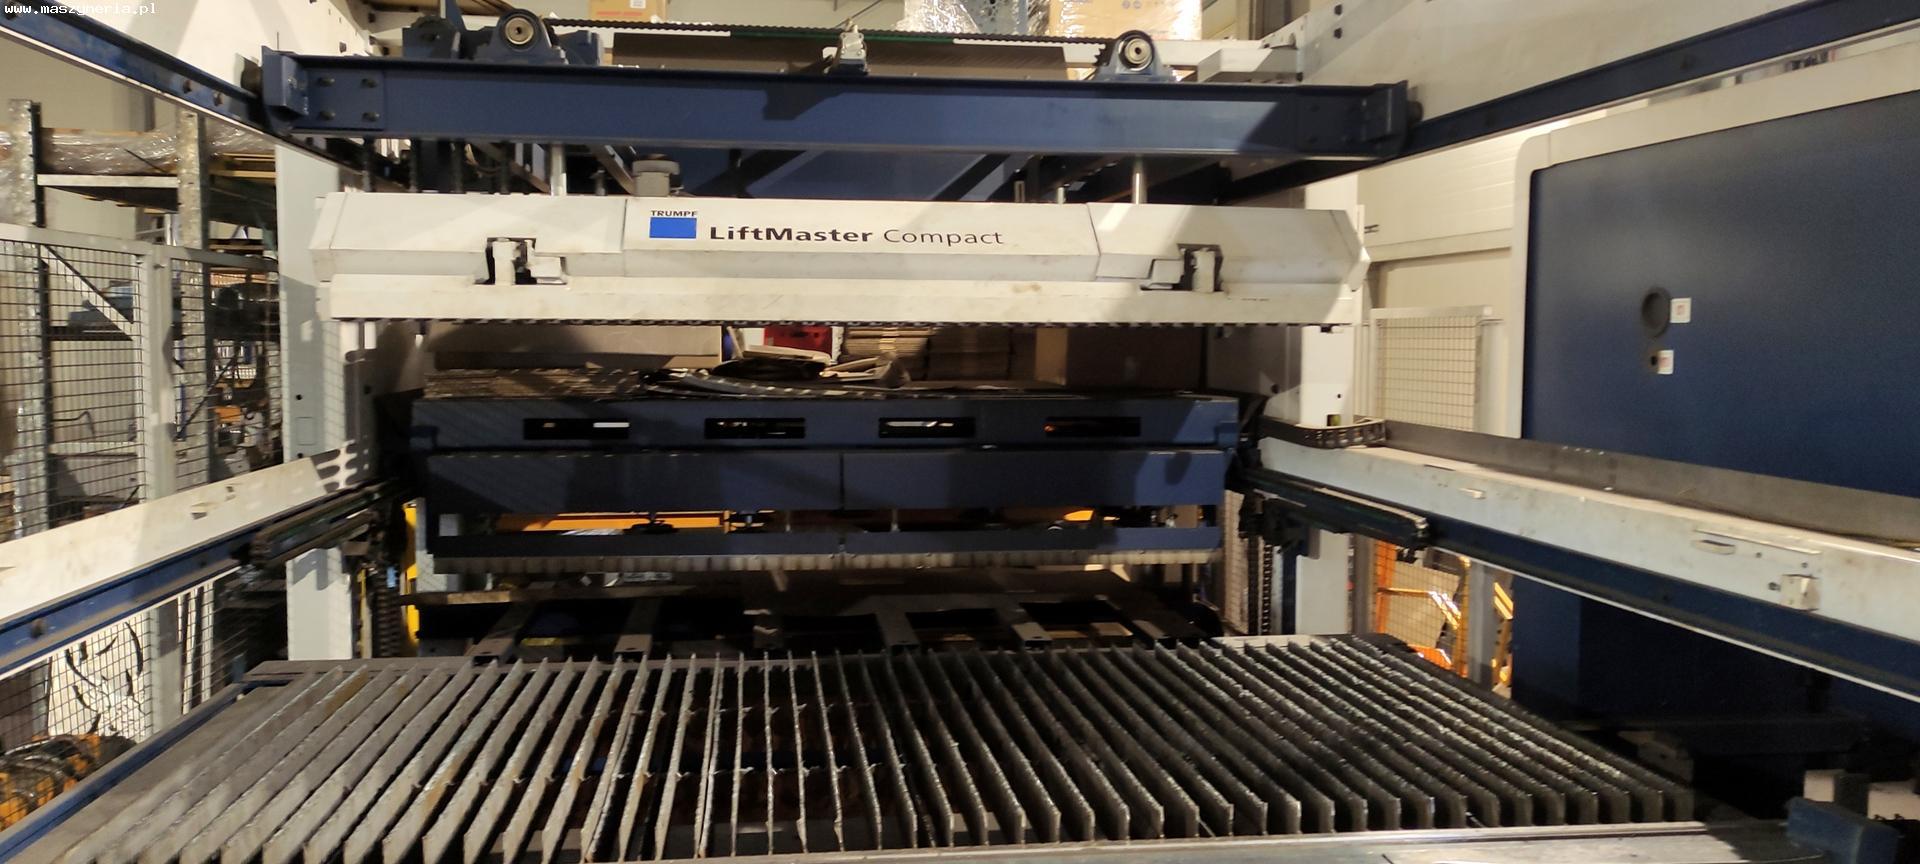 Magazzino lamiera TRUMPF LiftMaster Compact in vendita - foto 3